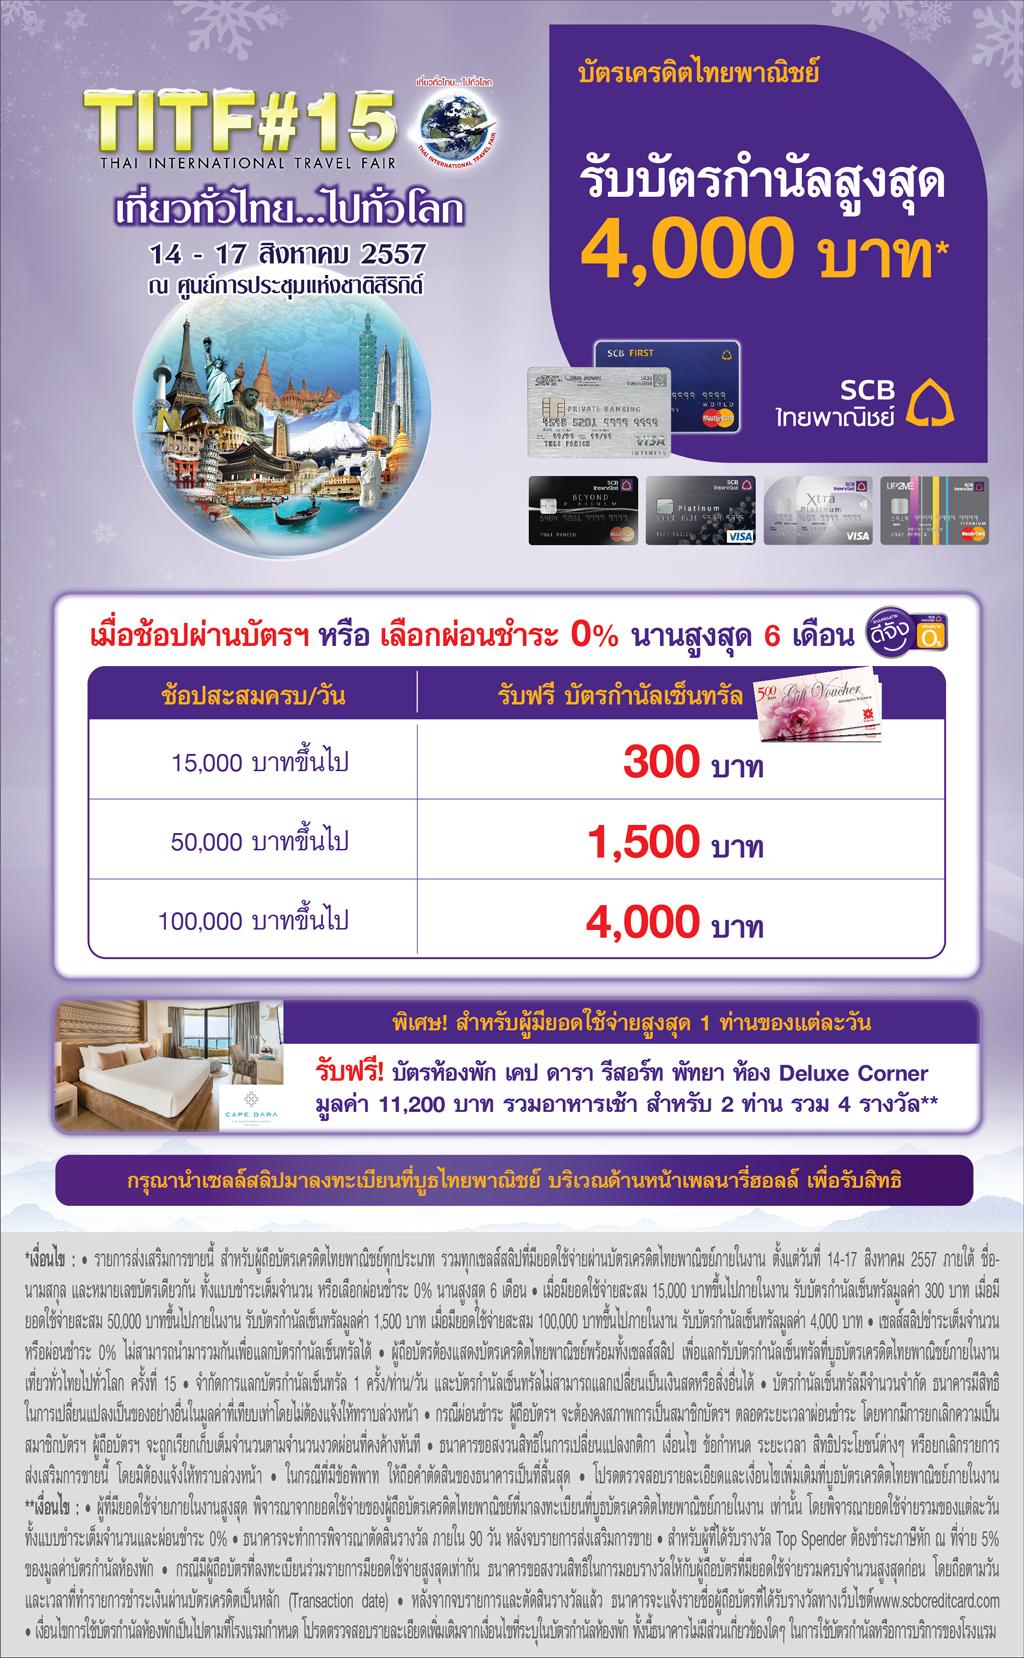 Thai International Travel Fair 2014